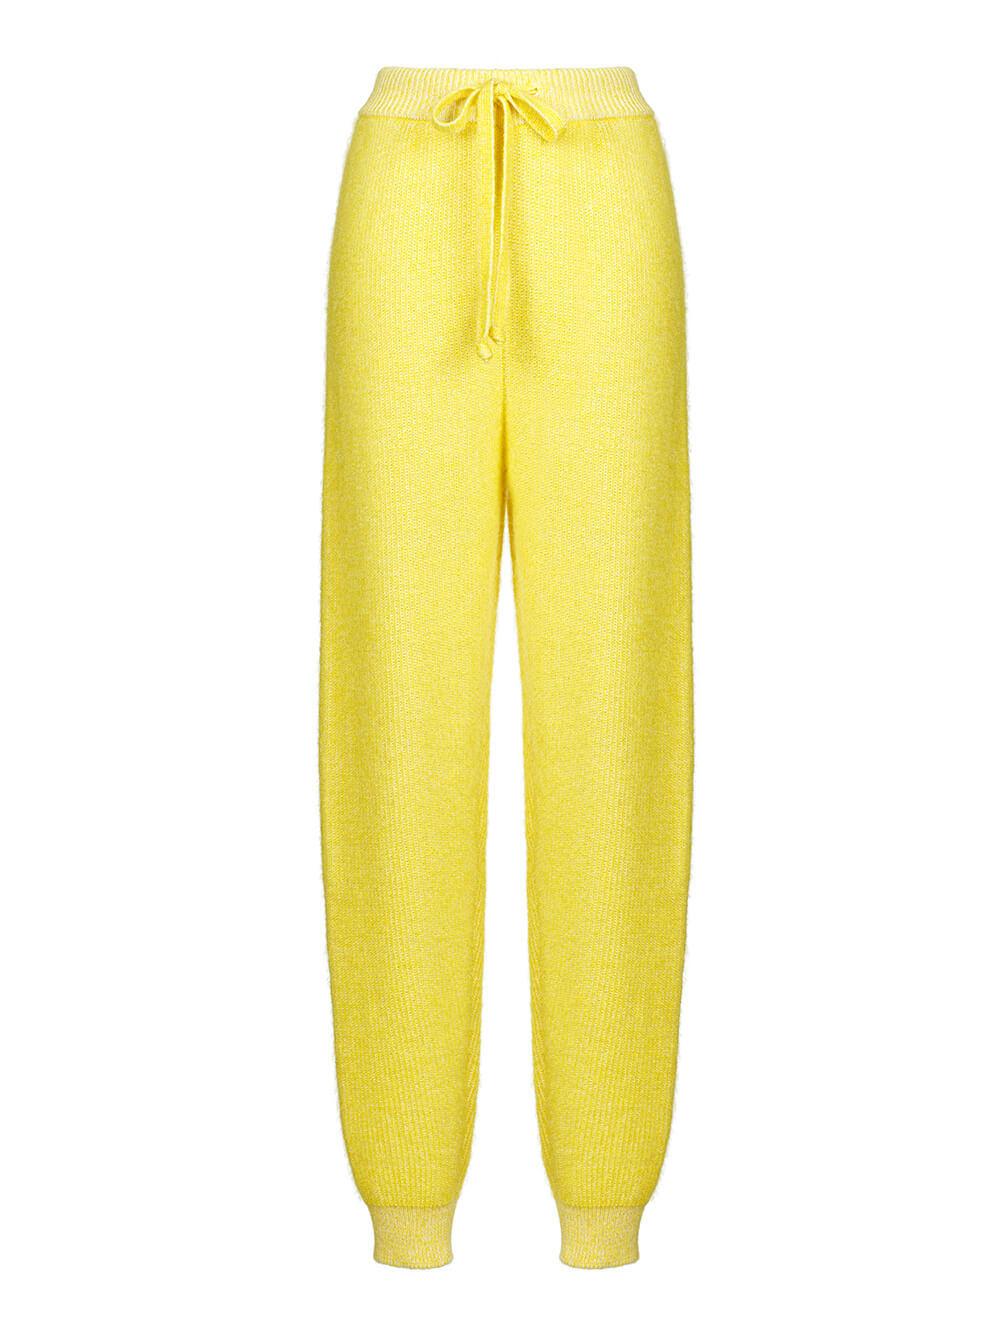 Женские брюки желтого цвета из мохера и кашемира - фото 1